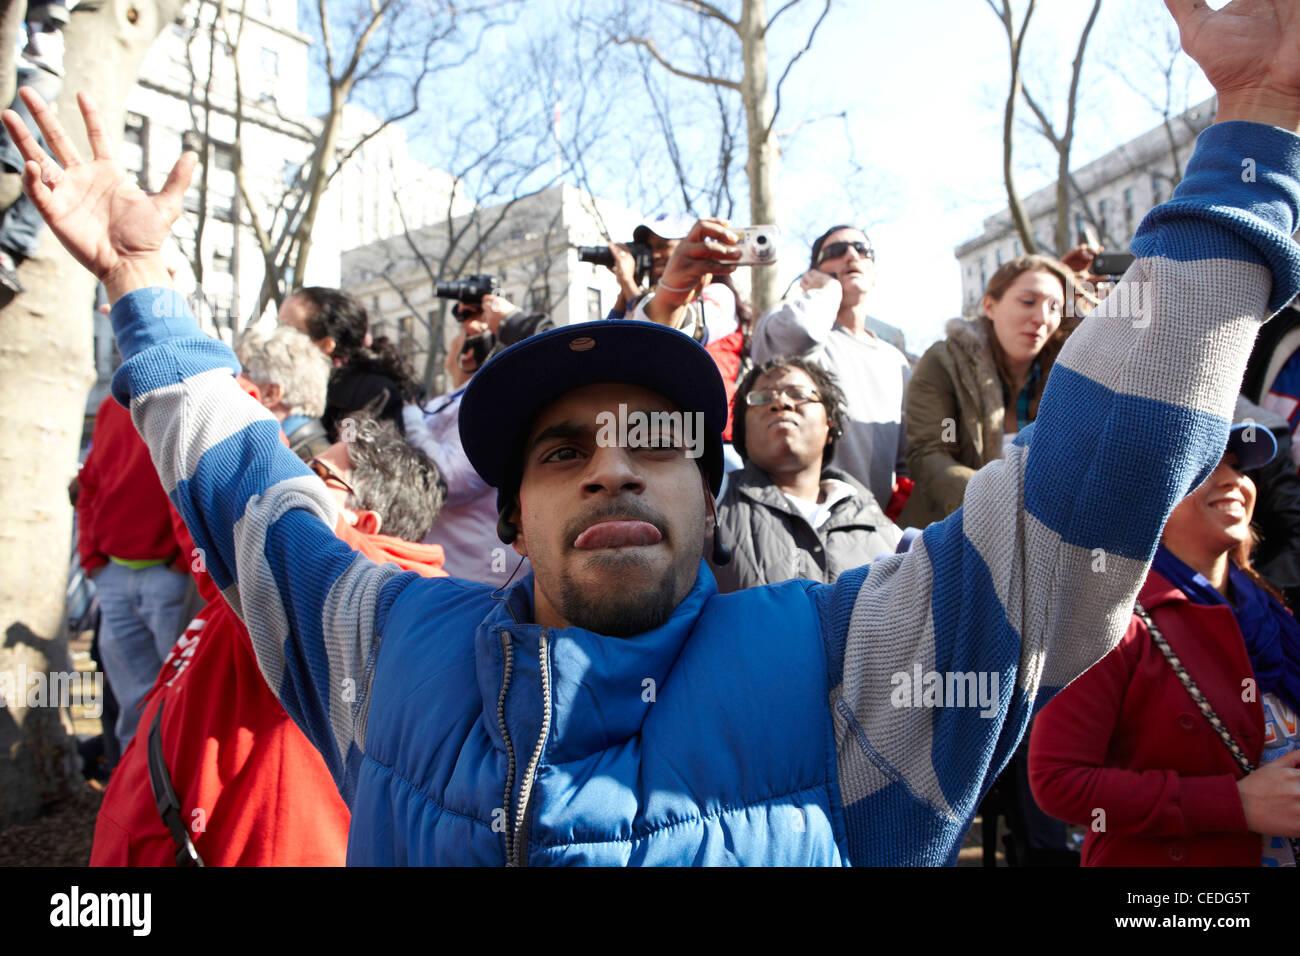 New York Giant fan, ticker tape, NY, USA - Stock Image